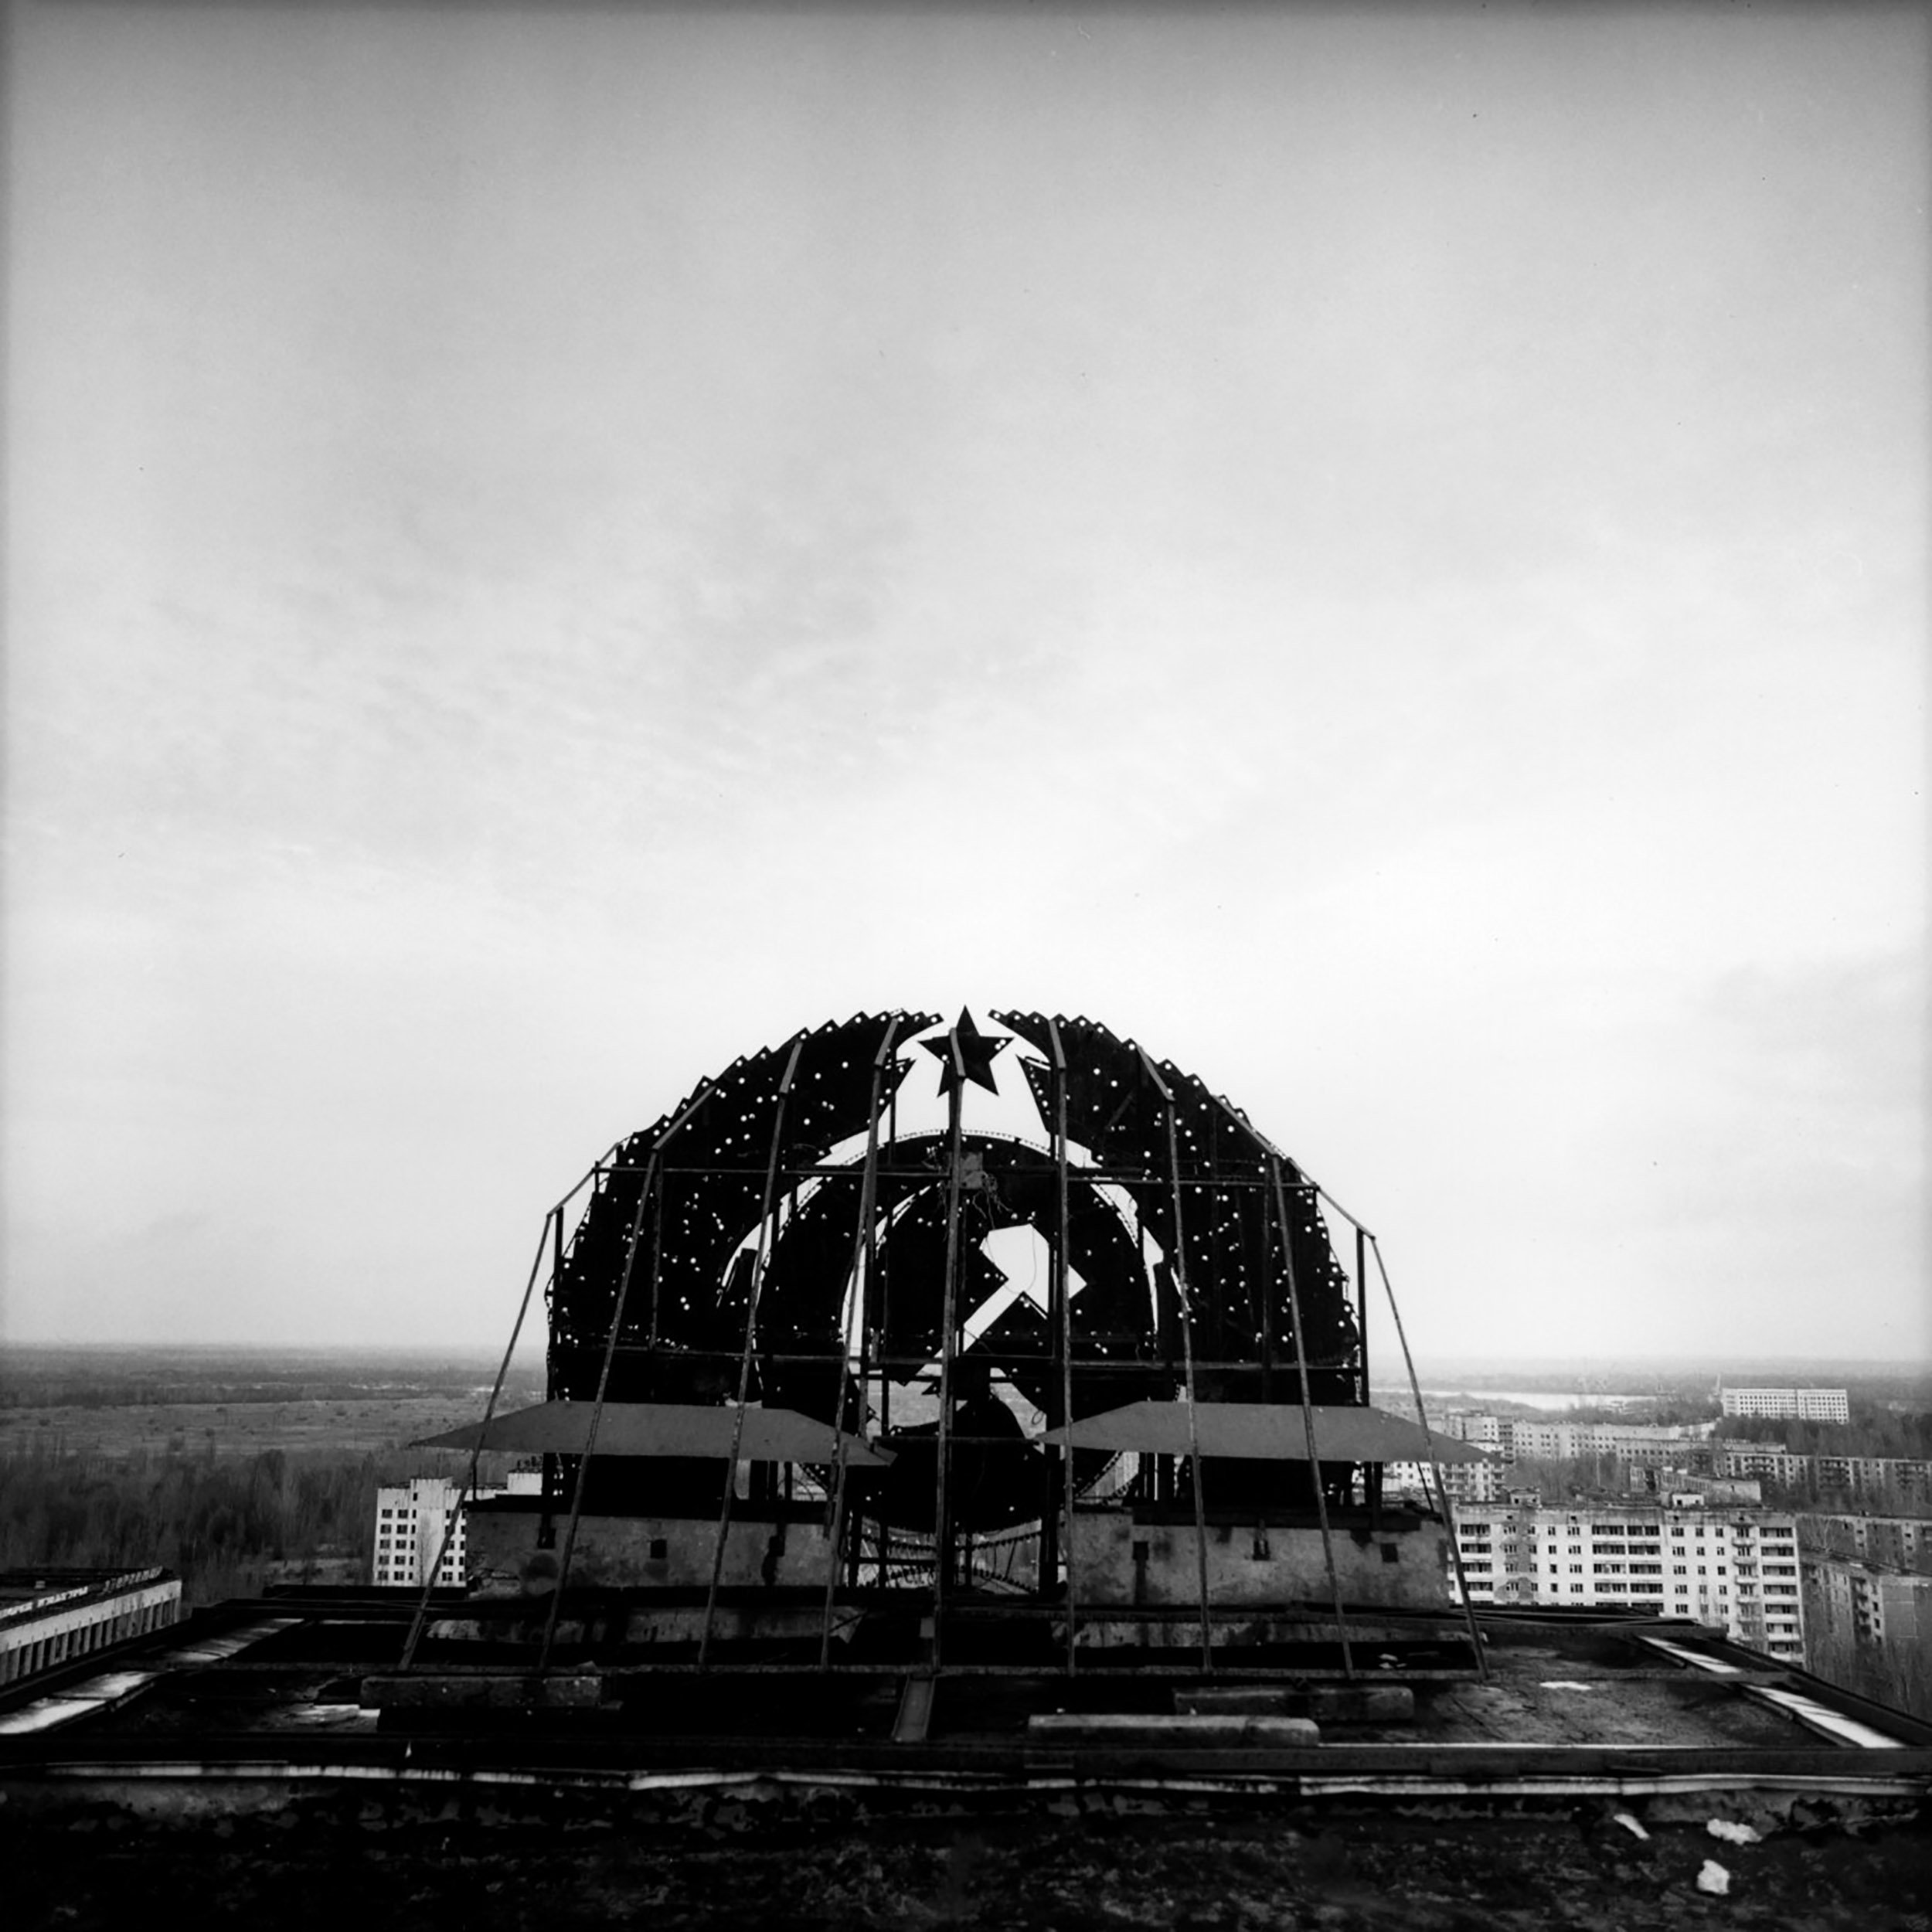 chernobyl - photo #48